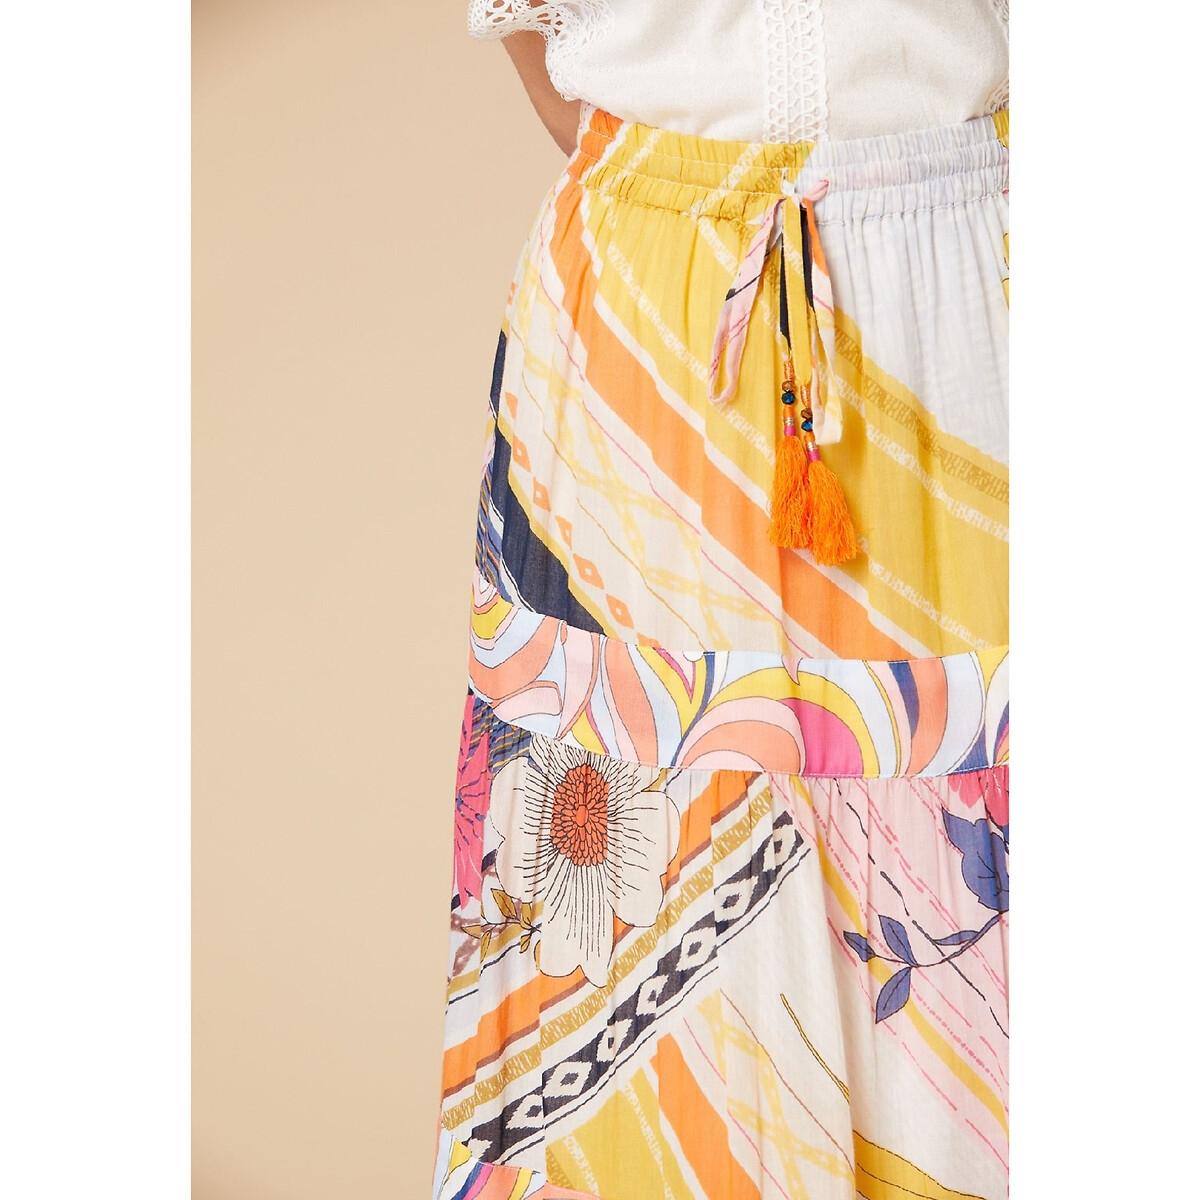 Юбка La Redoute Длинная с цветочным рисунком и оборками M желтый юбка la redoute короткая расклешенная с цветочным рисунком и оборками на поясе xs бежевый